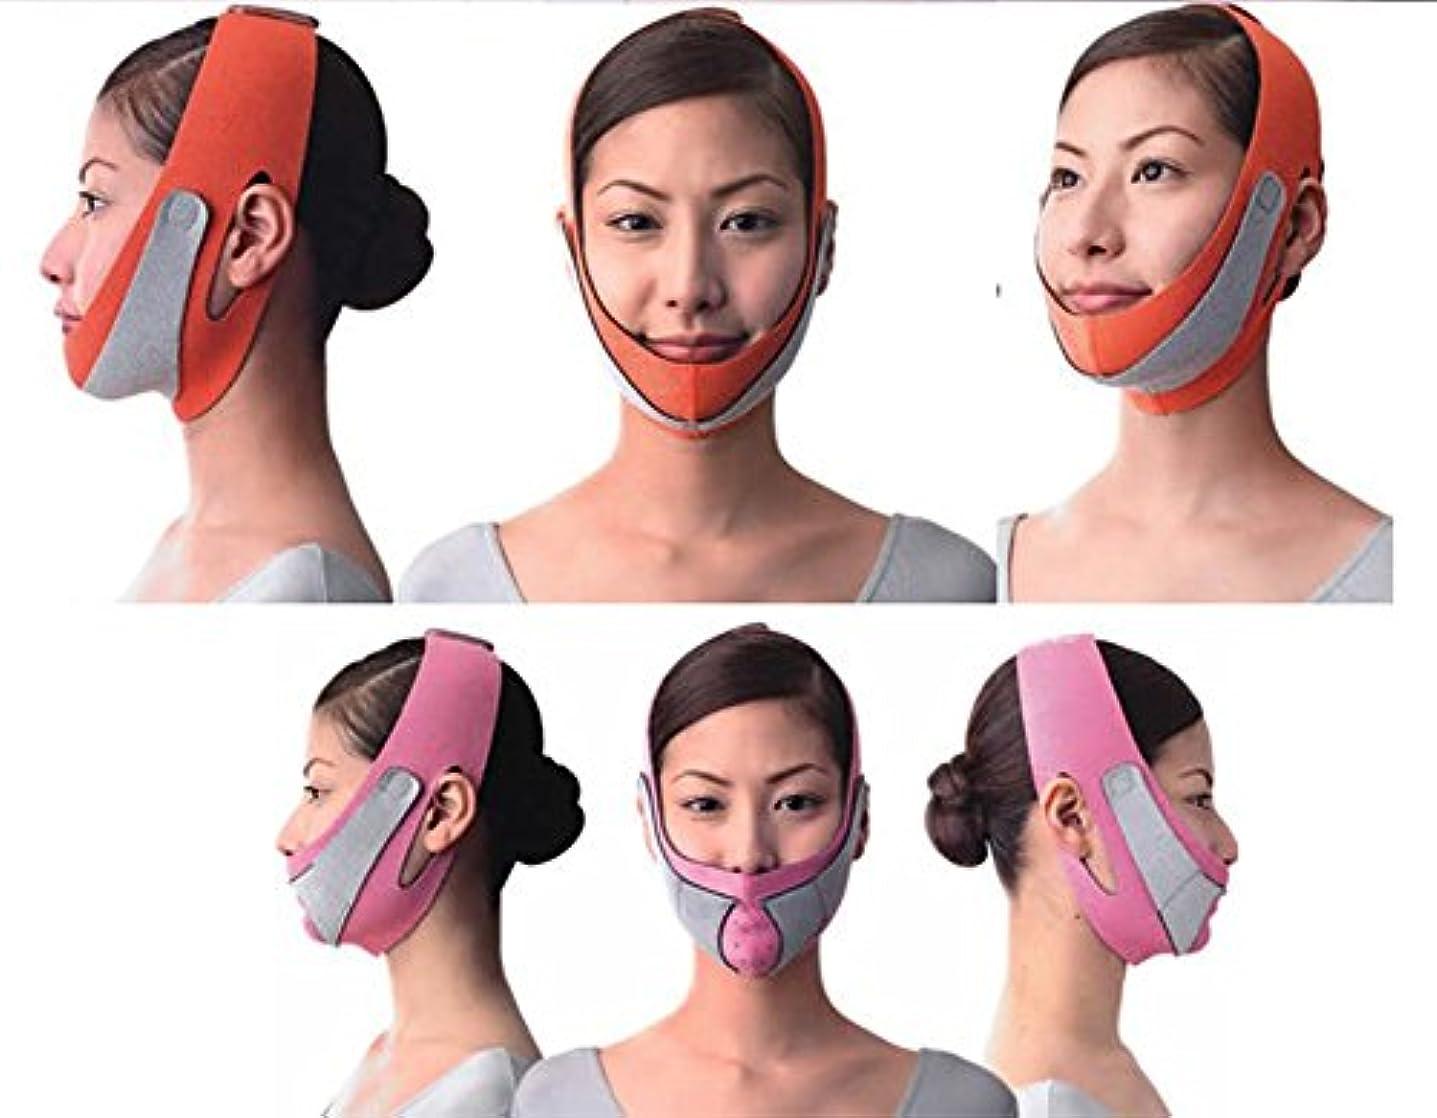 アンテナまさに狭い引き上げマスク 頬のたるみ 額、顎下、頬リフトアップ ピンク グレー 弾力V-ラインマスク 引っ張る リフティング フェイス リフトスリムマスク 美容 フェイスマスク